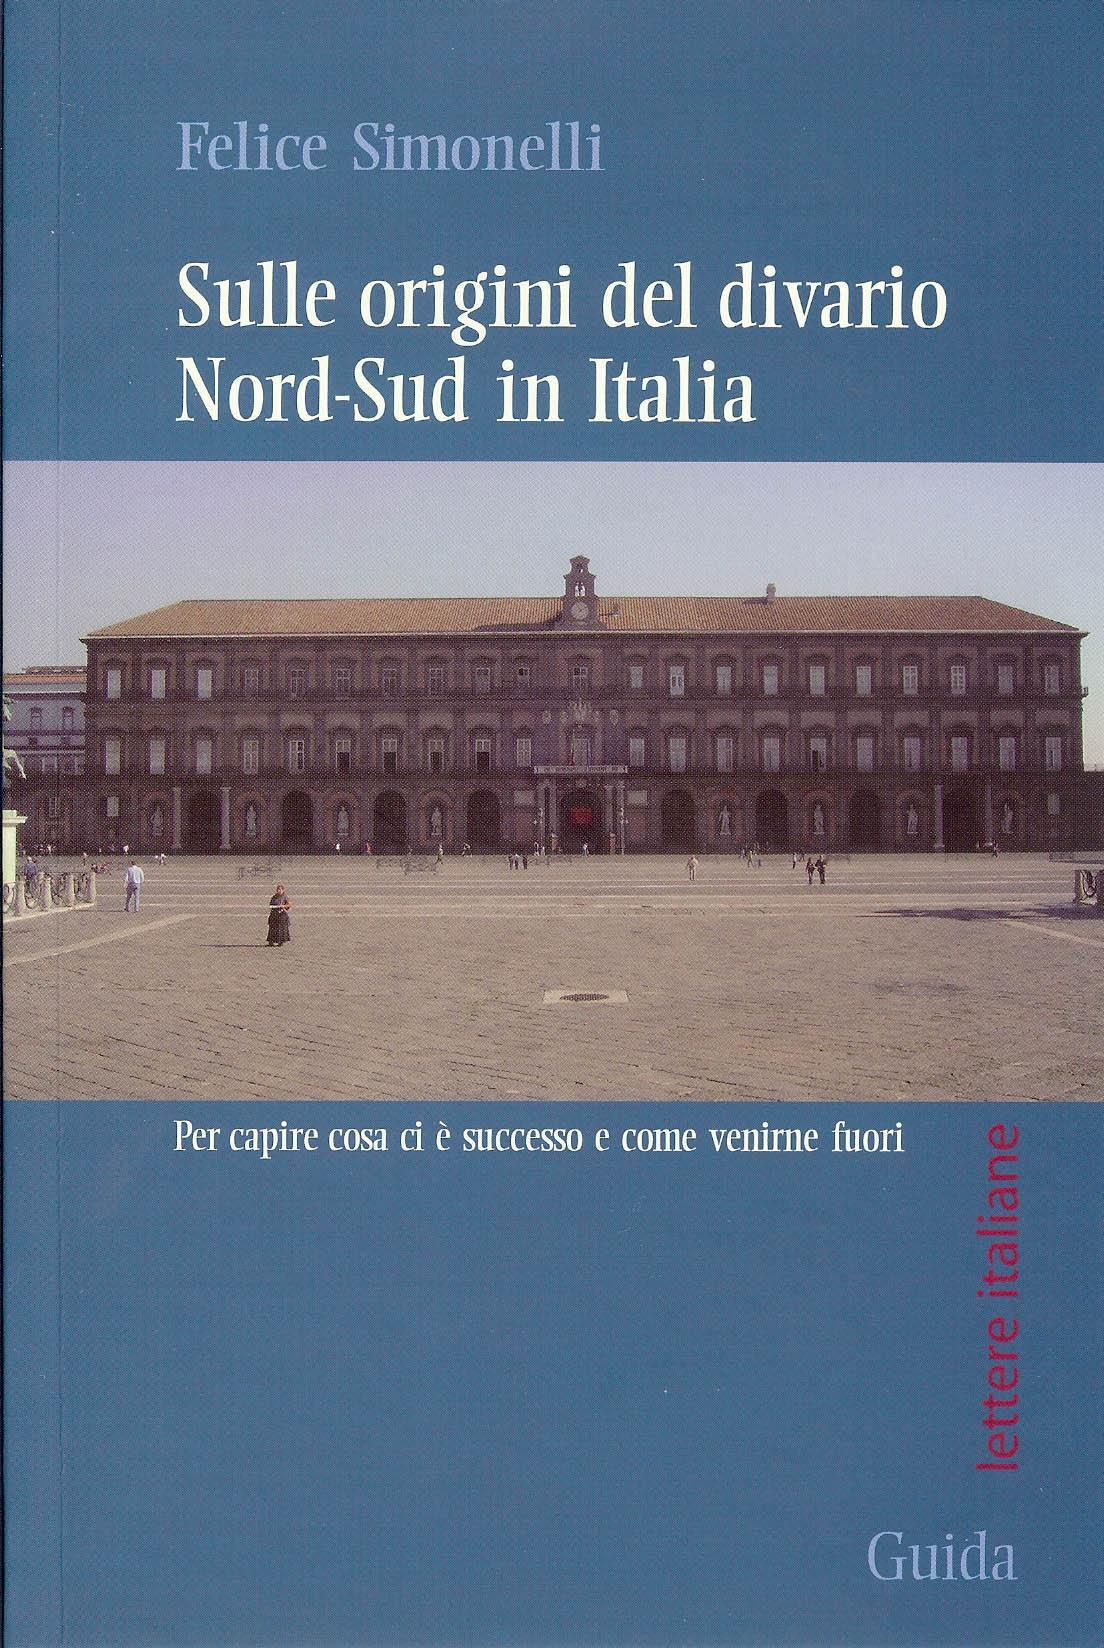 Sulle origini del divario Nord-Sud in Italia